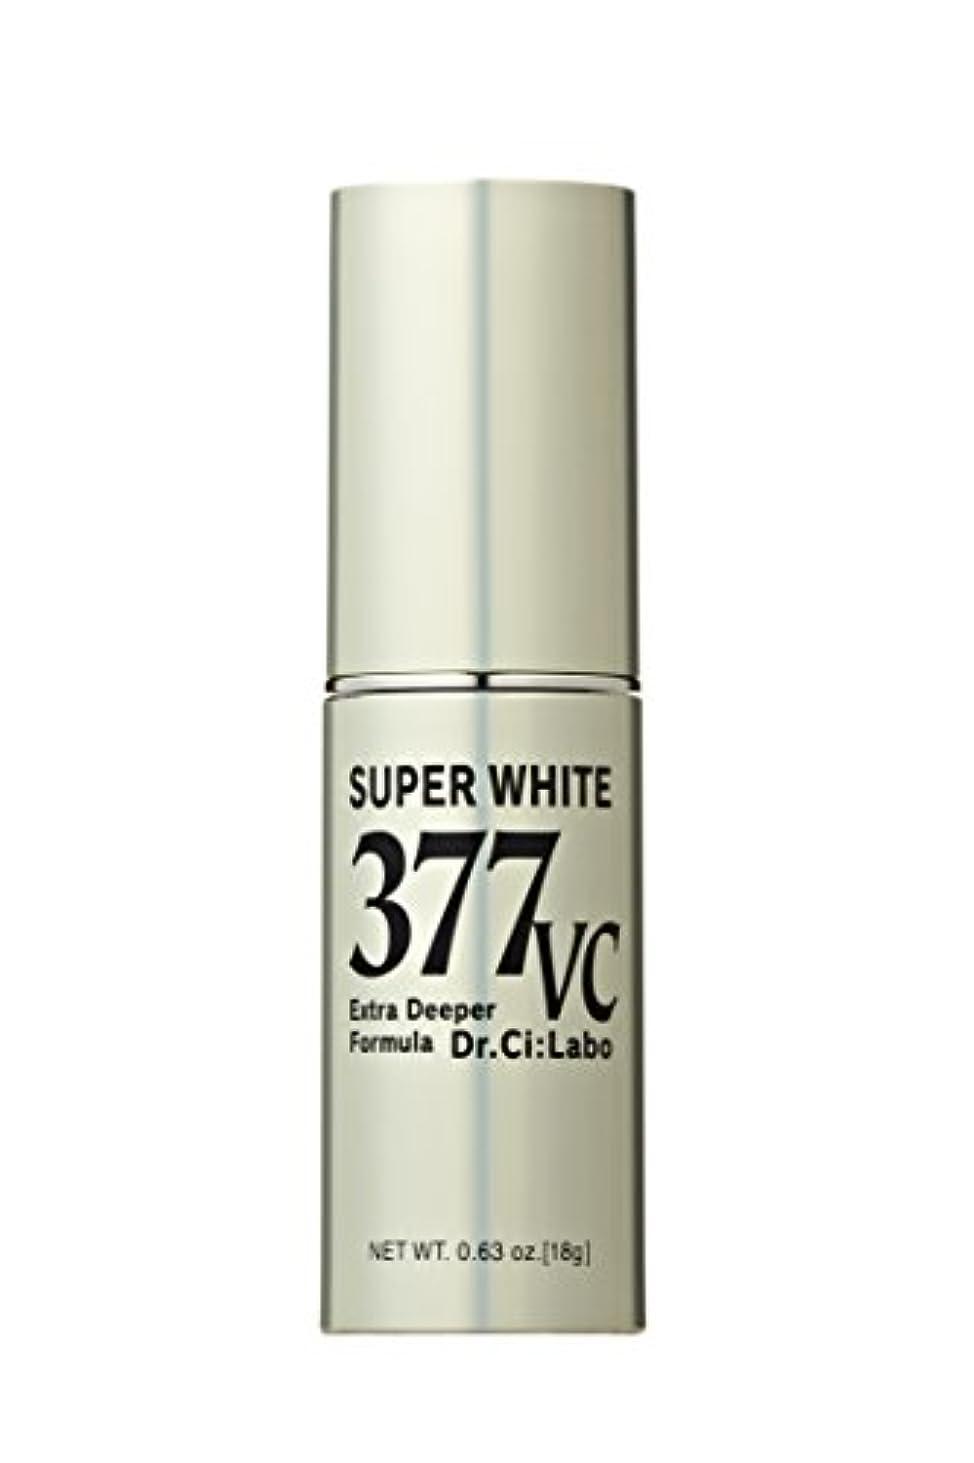 ディレイ赤字ムスドクターシーラボ スーパーホワイト377VC(ブイシー) 高浸透ビタミンC 美容液 18g